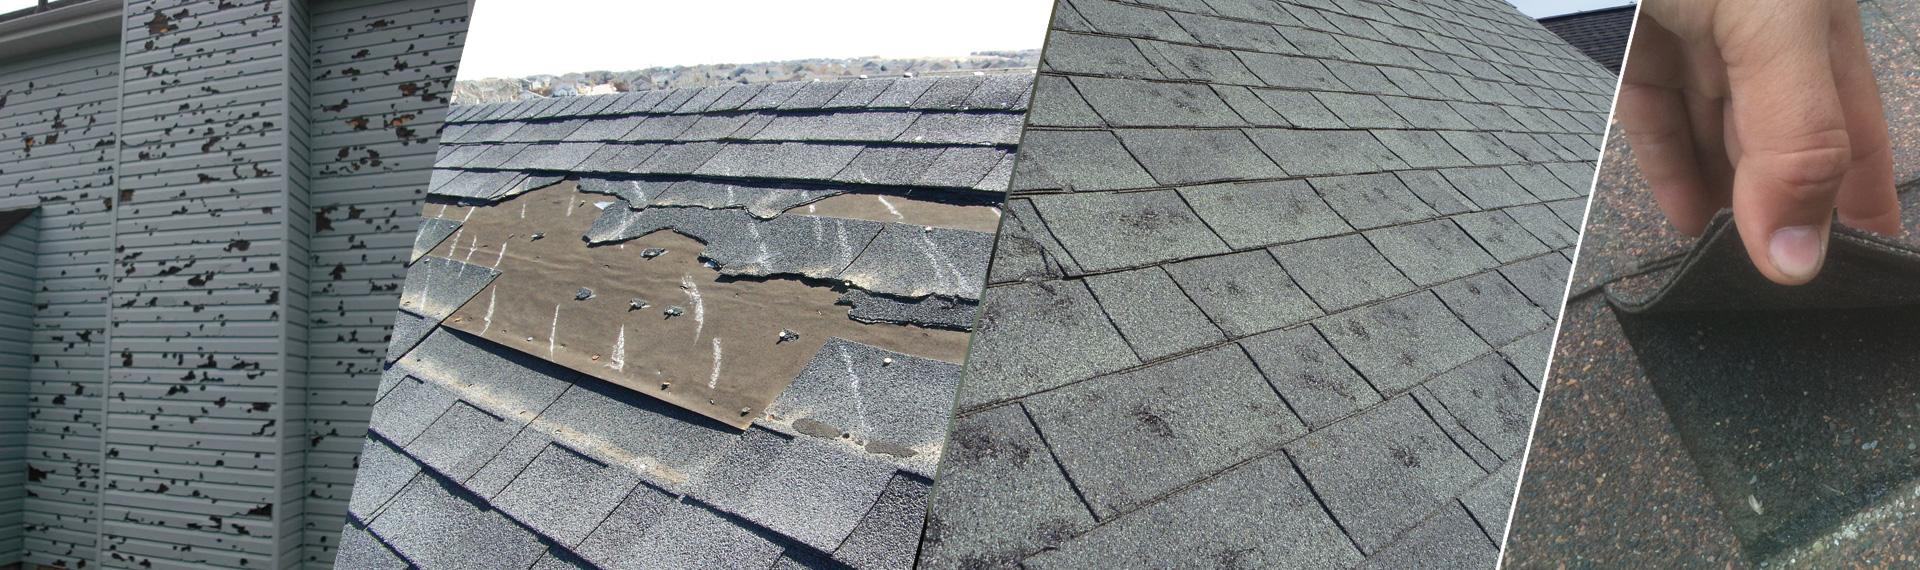 Denver Roofing & Construction Parker CO